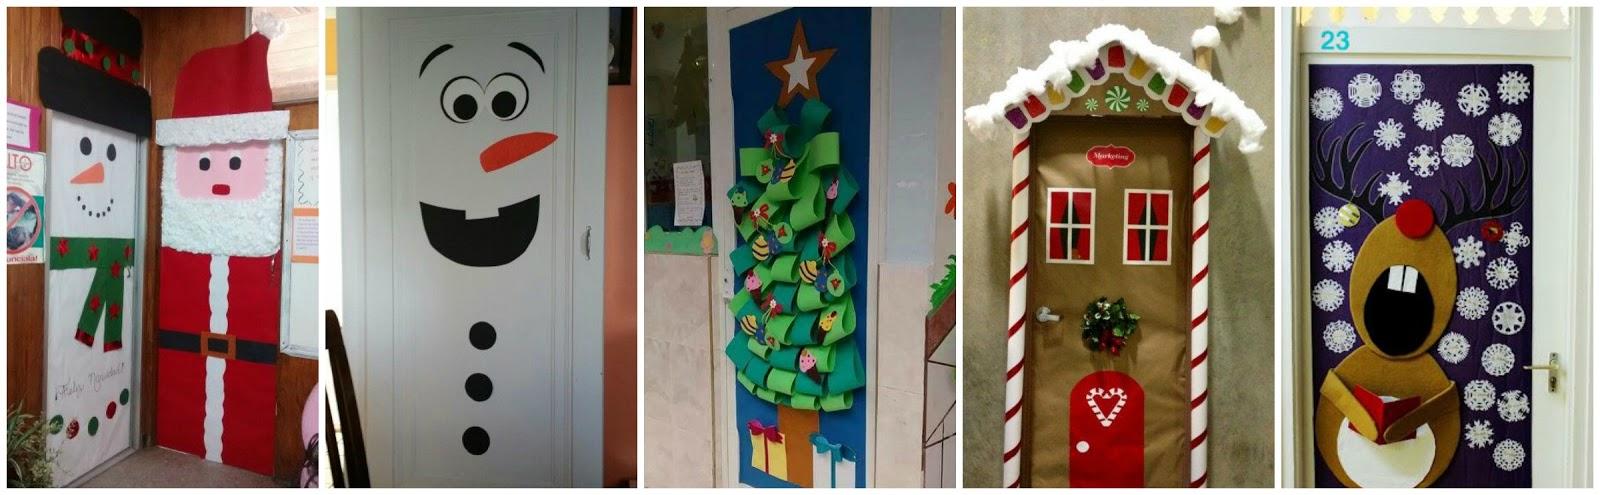 Tocando mis sue os inspiraci n para navidad rrr for Fotos de puertas decoradas de navidad